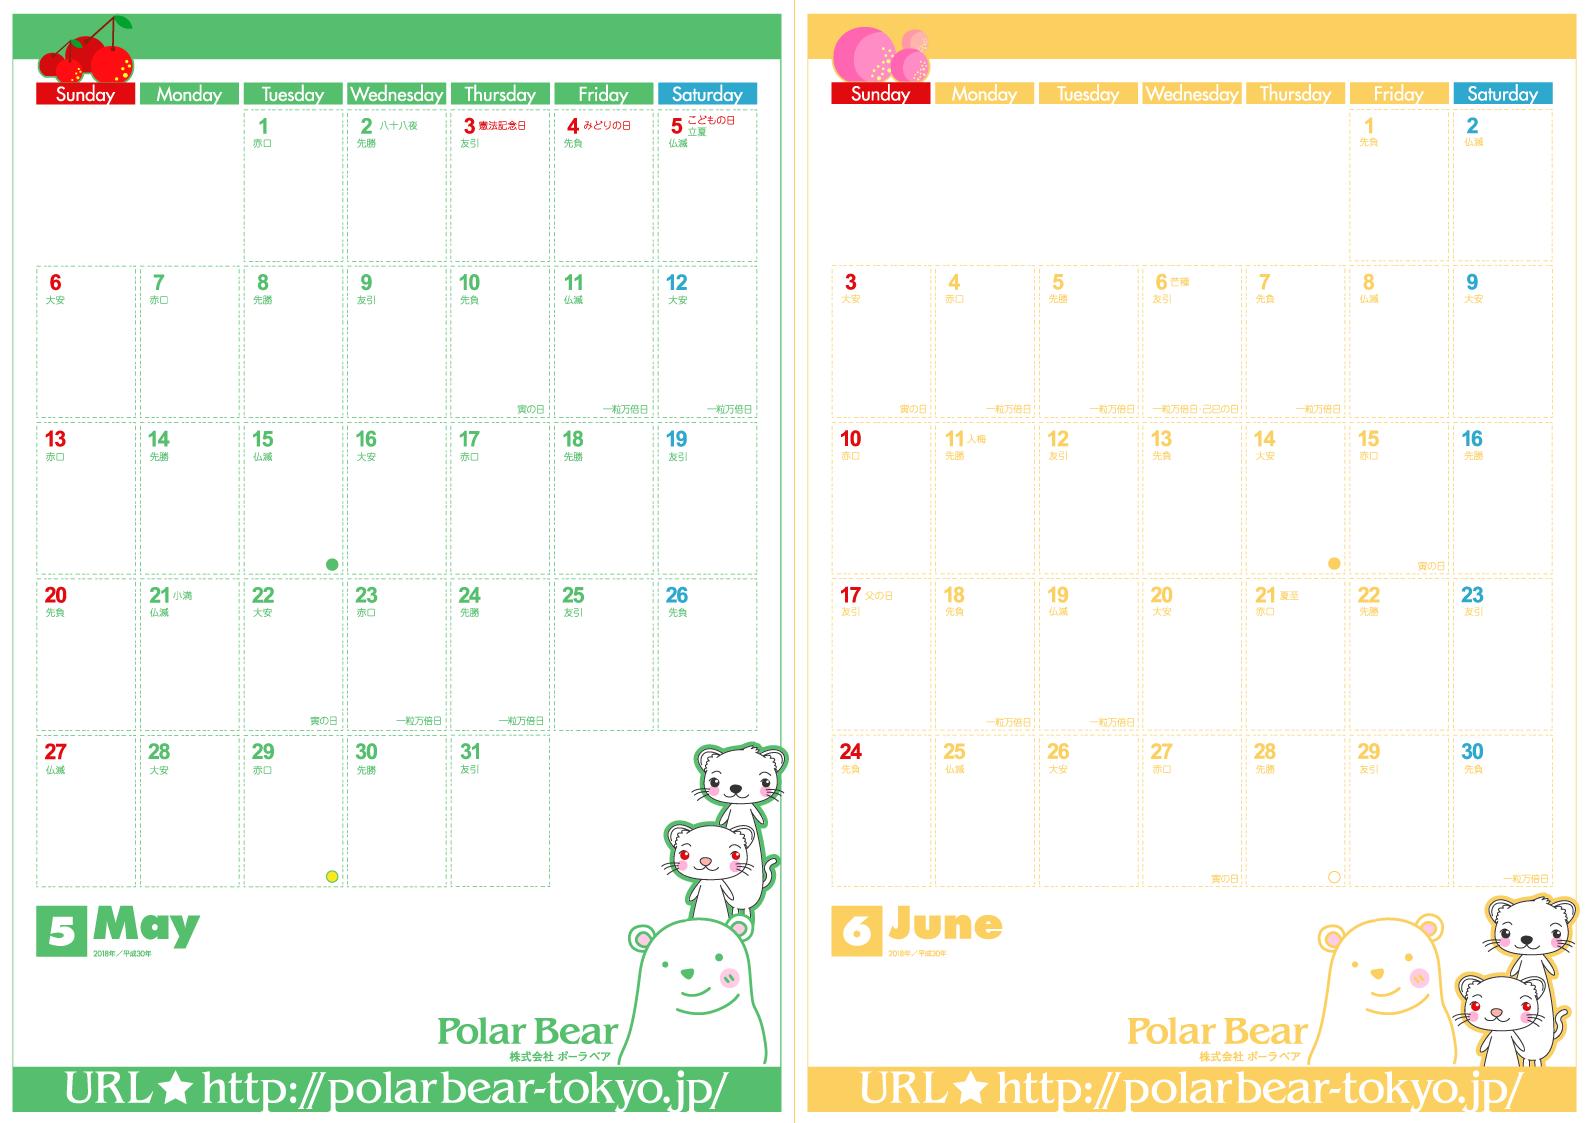 株式会社ポーラベア 2018年カレンダー5月、6月